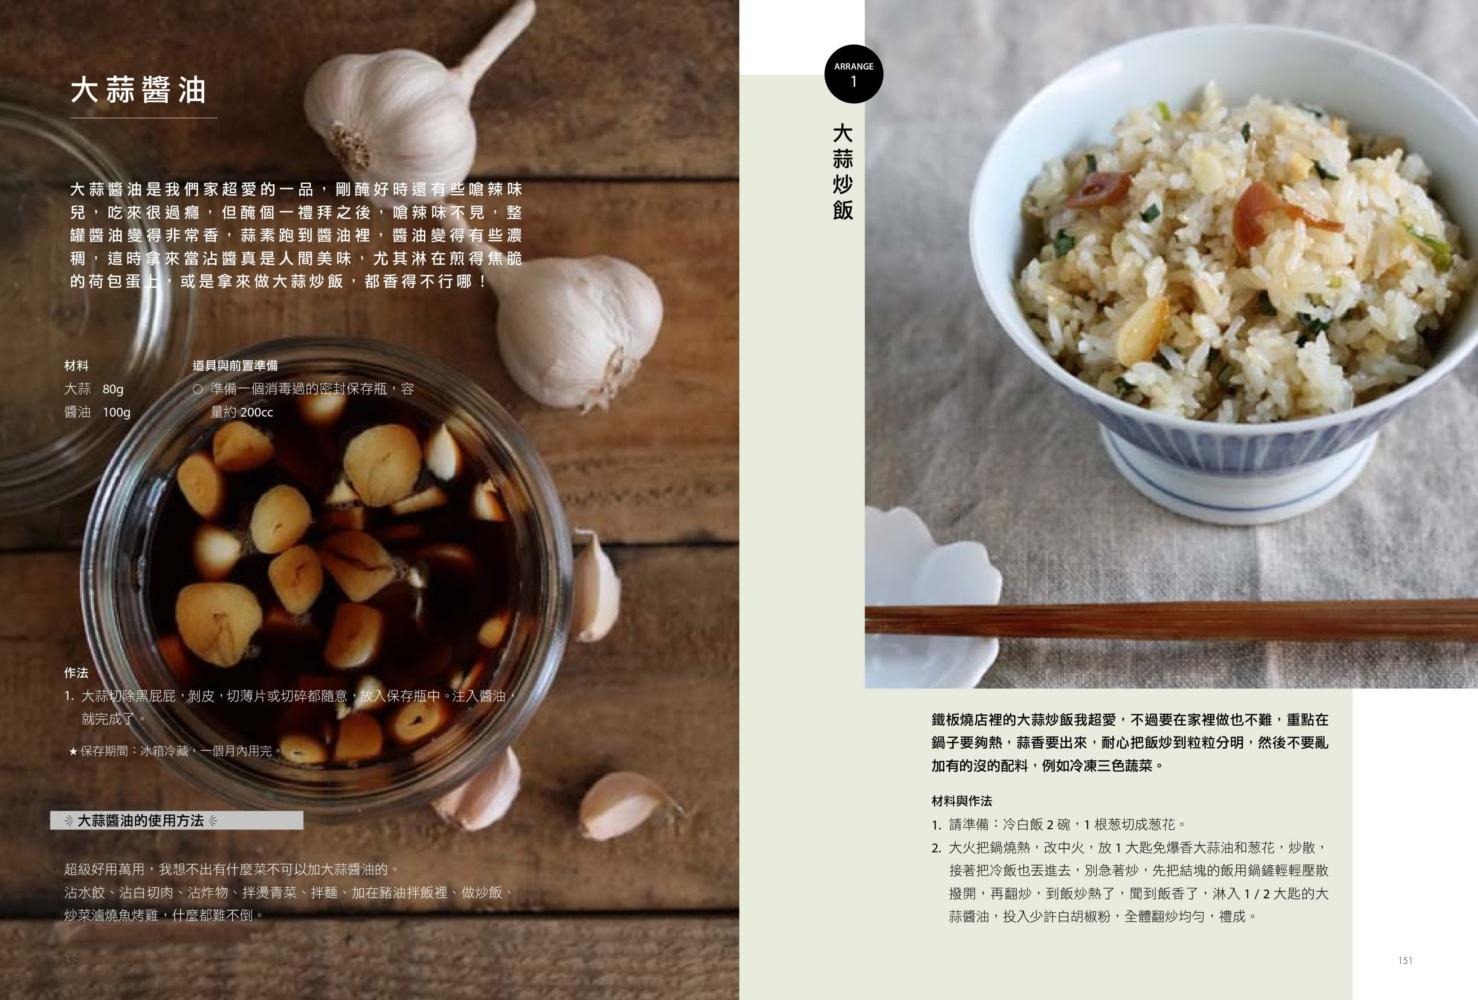 ◤博客來BOOKS◢ 暢銷書榜《推薦》療癒廚房2 四季的撫慰食與家仕事,還有小廚房裡的日常【博客來獨家預購簽名版】